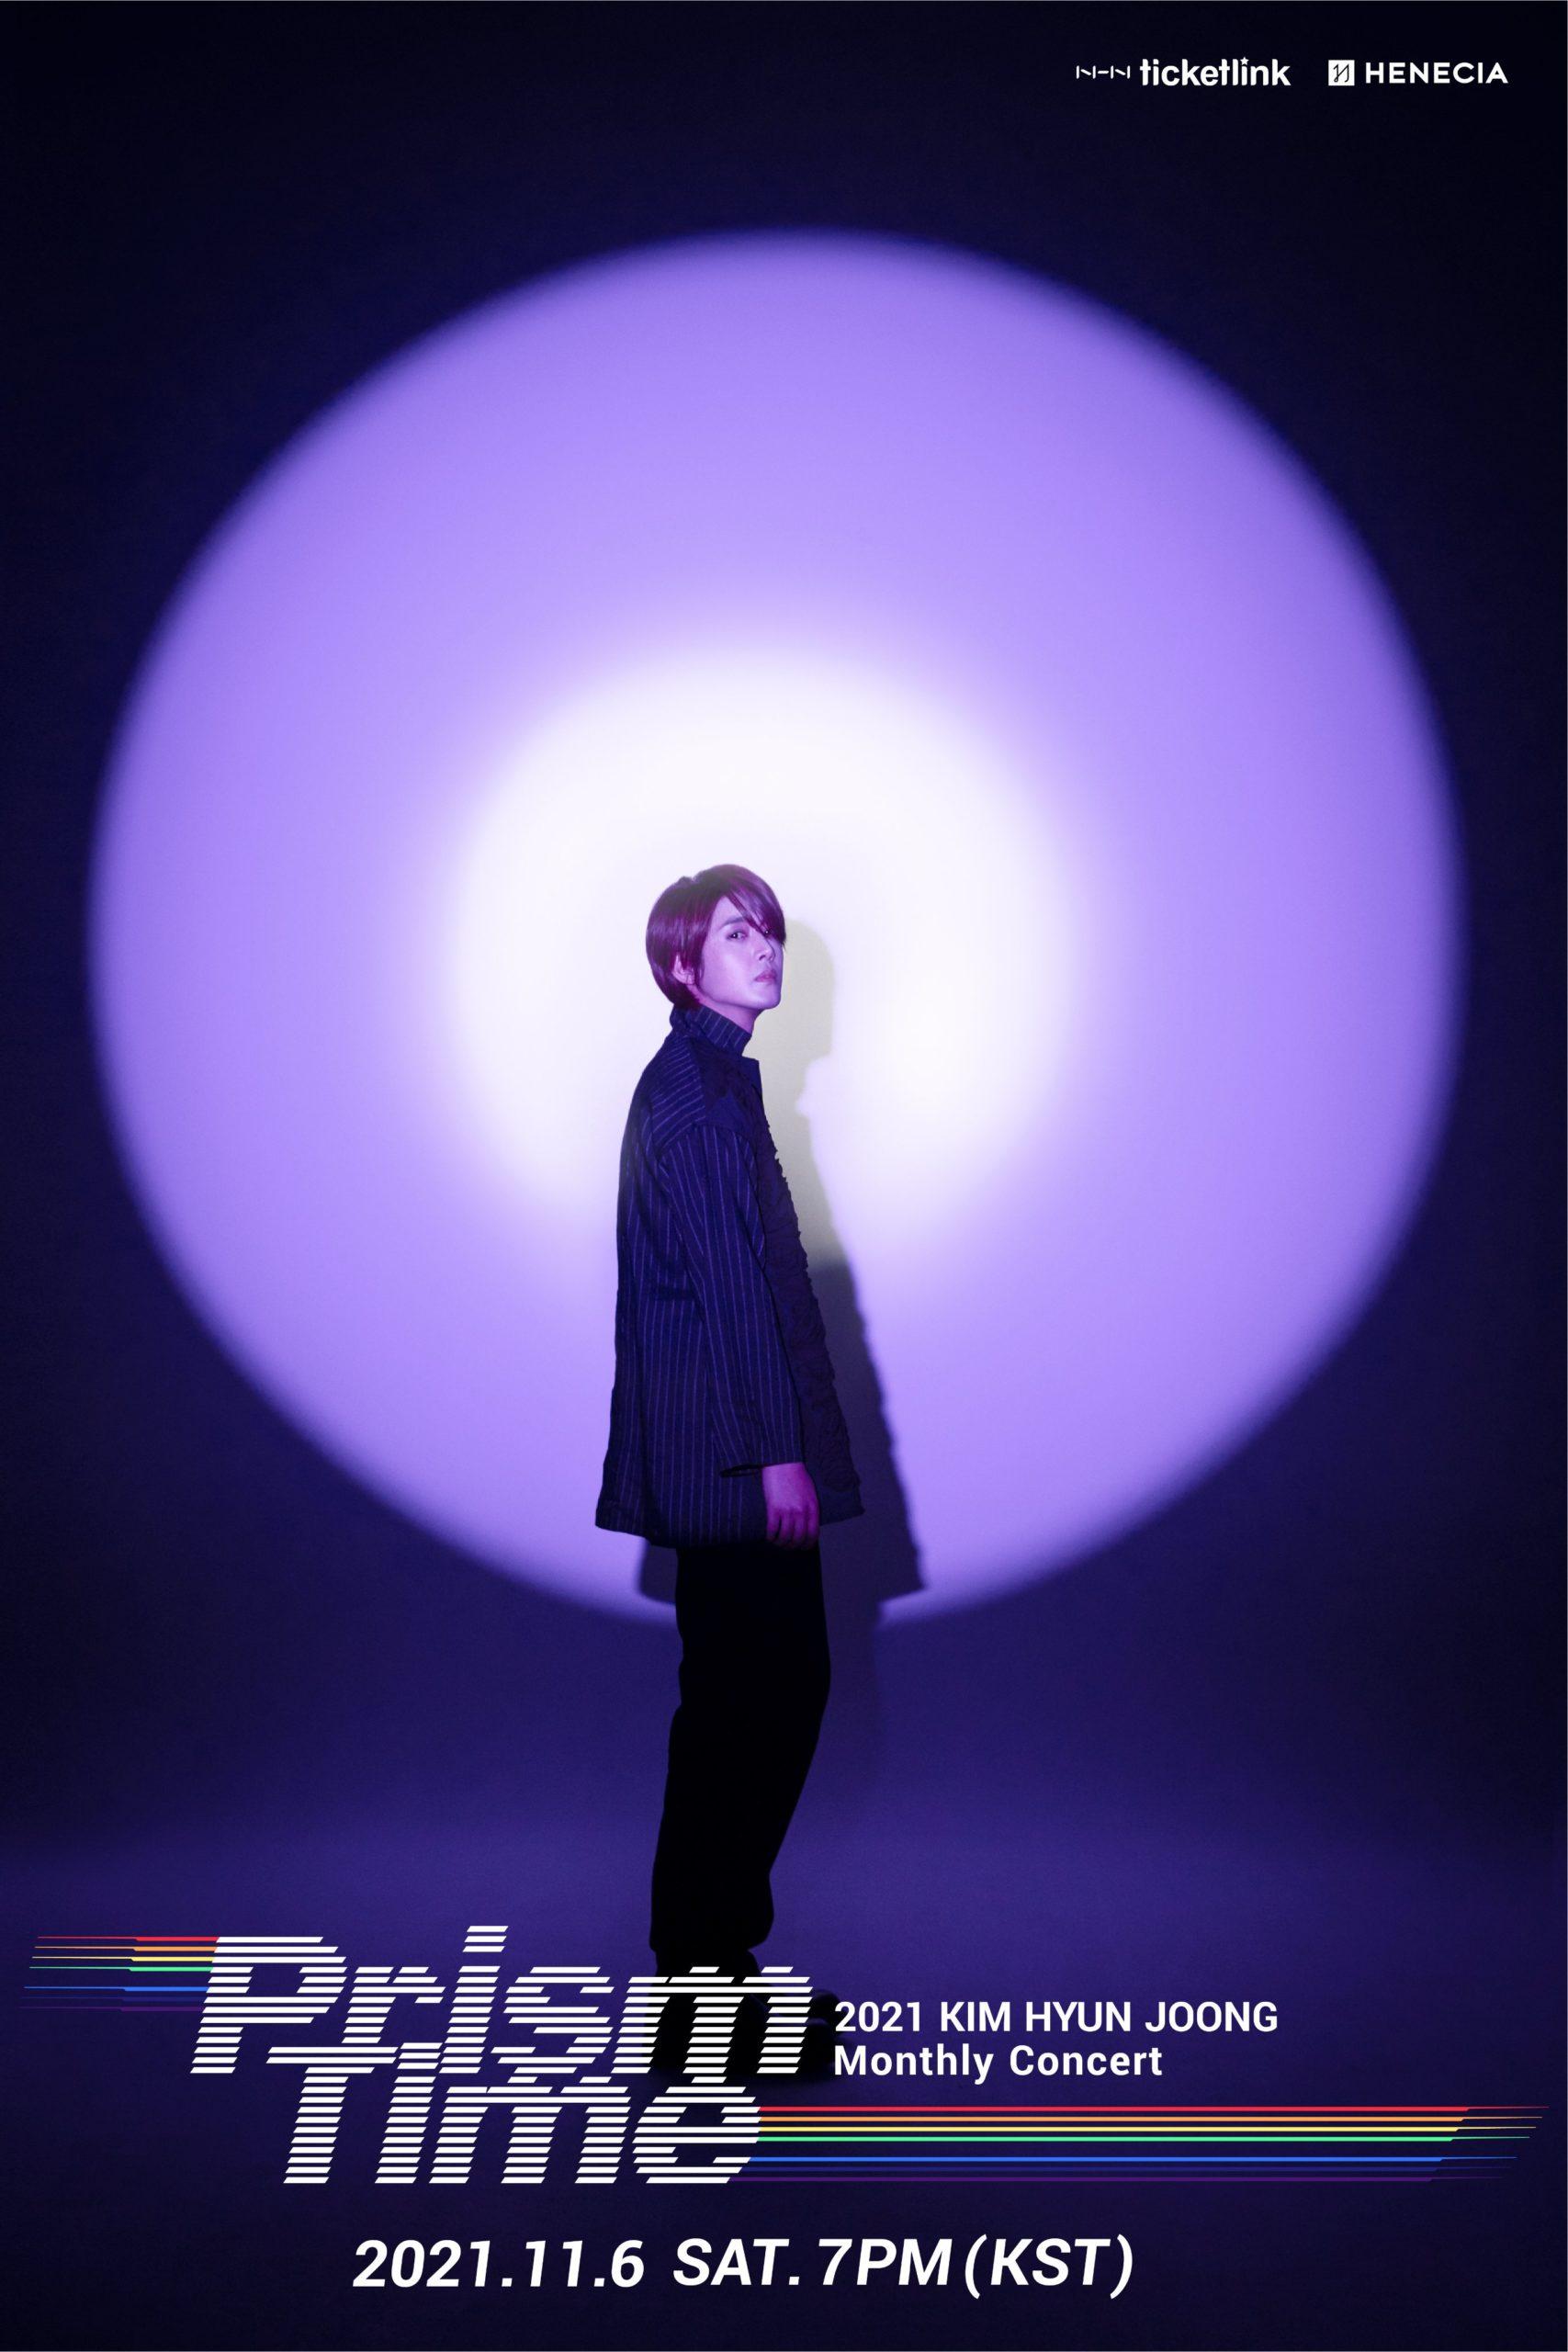 2021 KIM HYUN JOONG Monthly Concert 'Prism Time' Last Concert - Violet